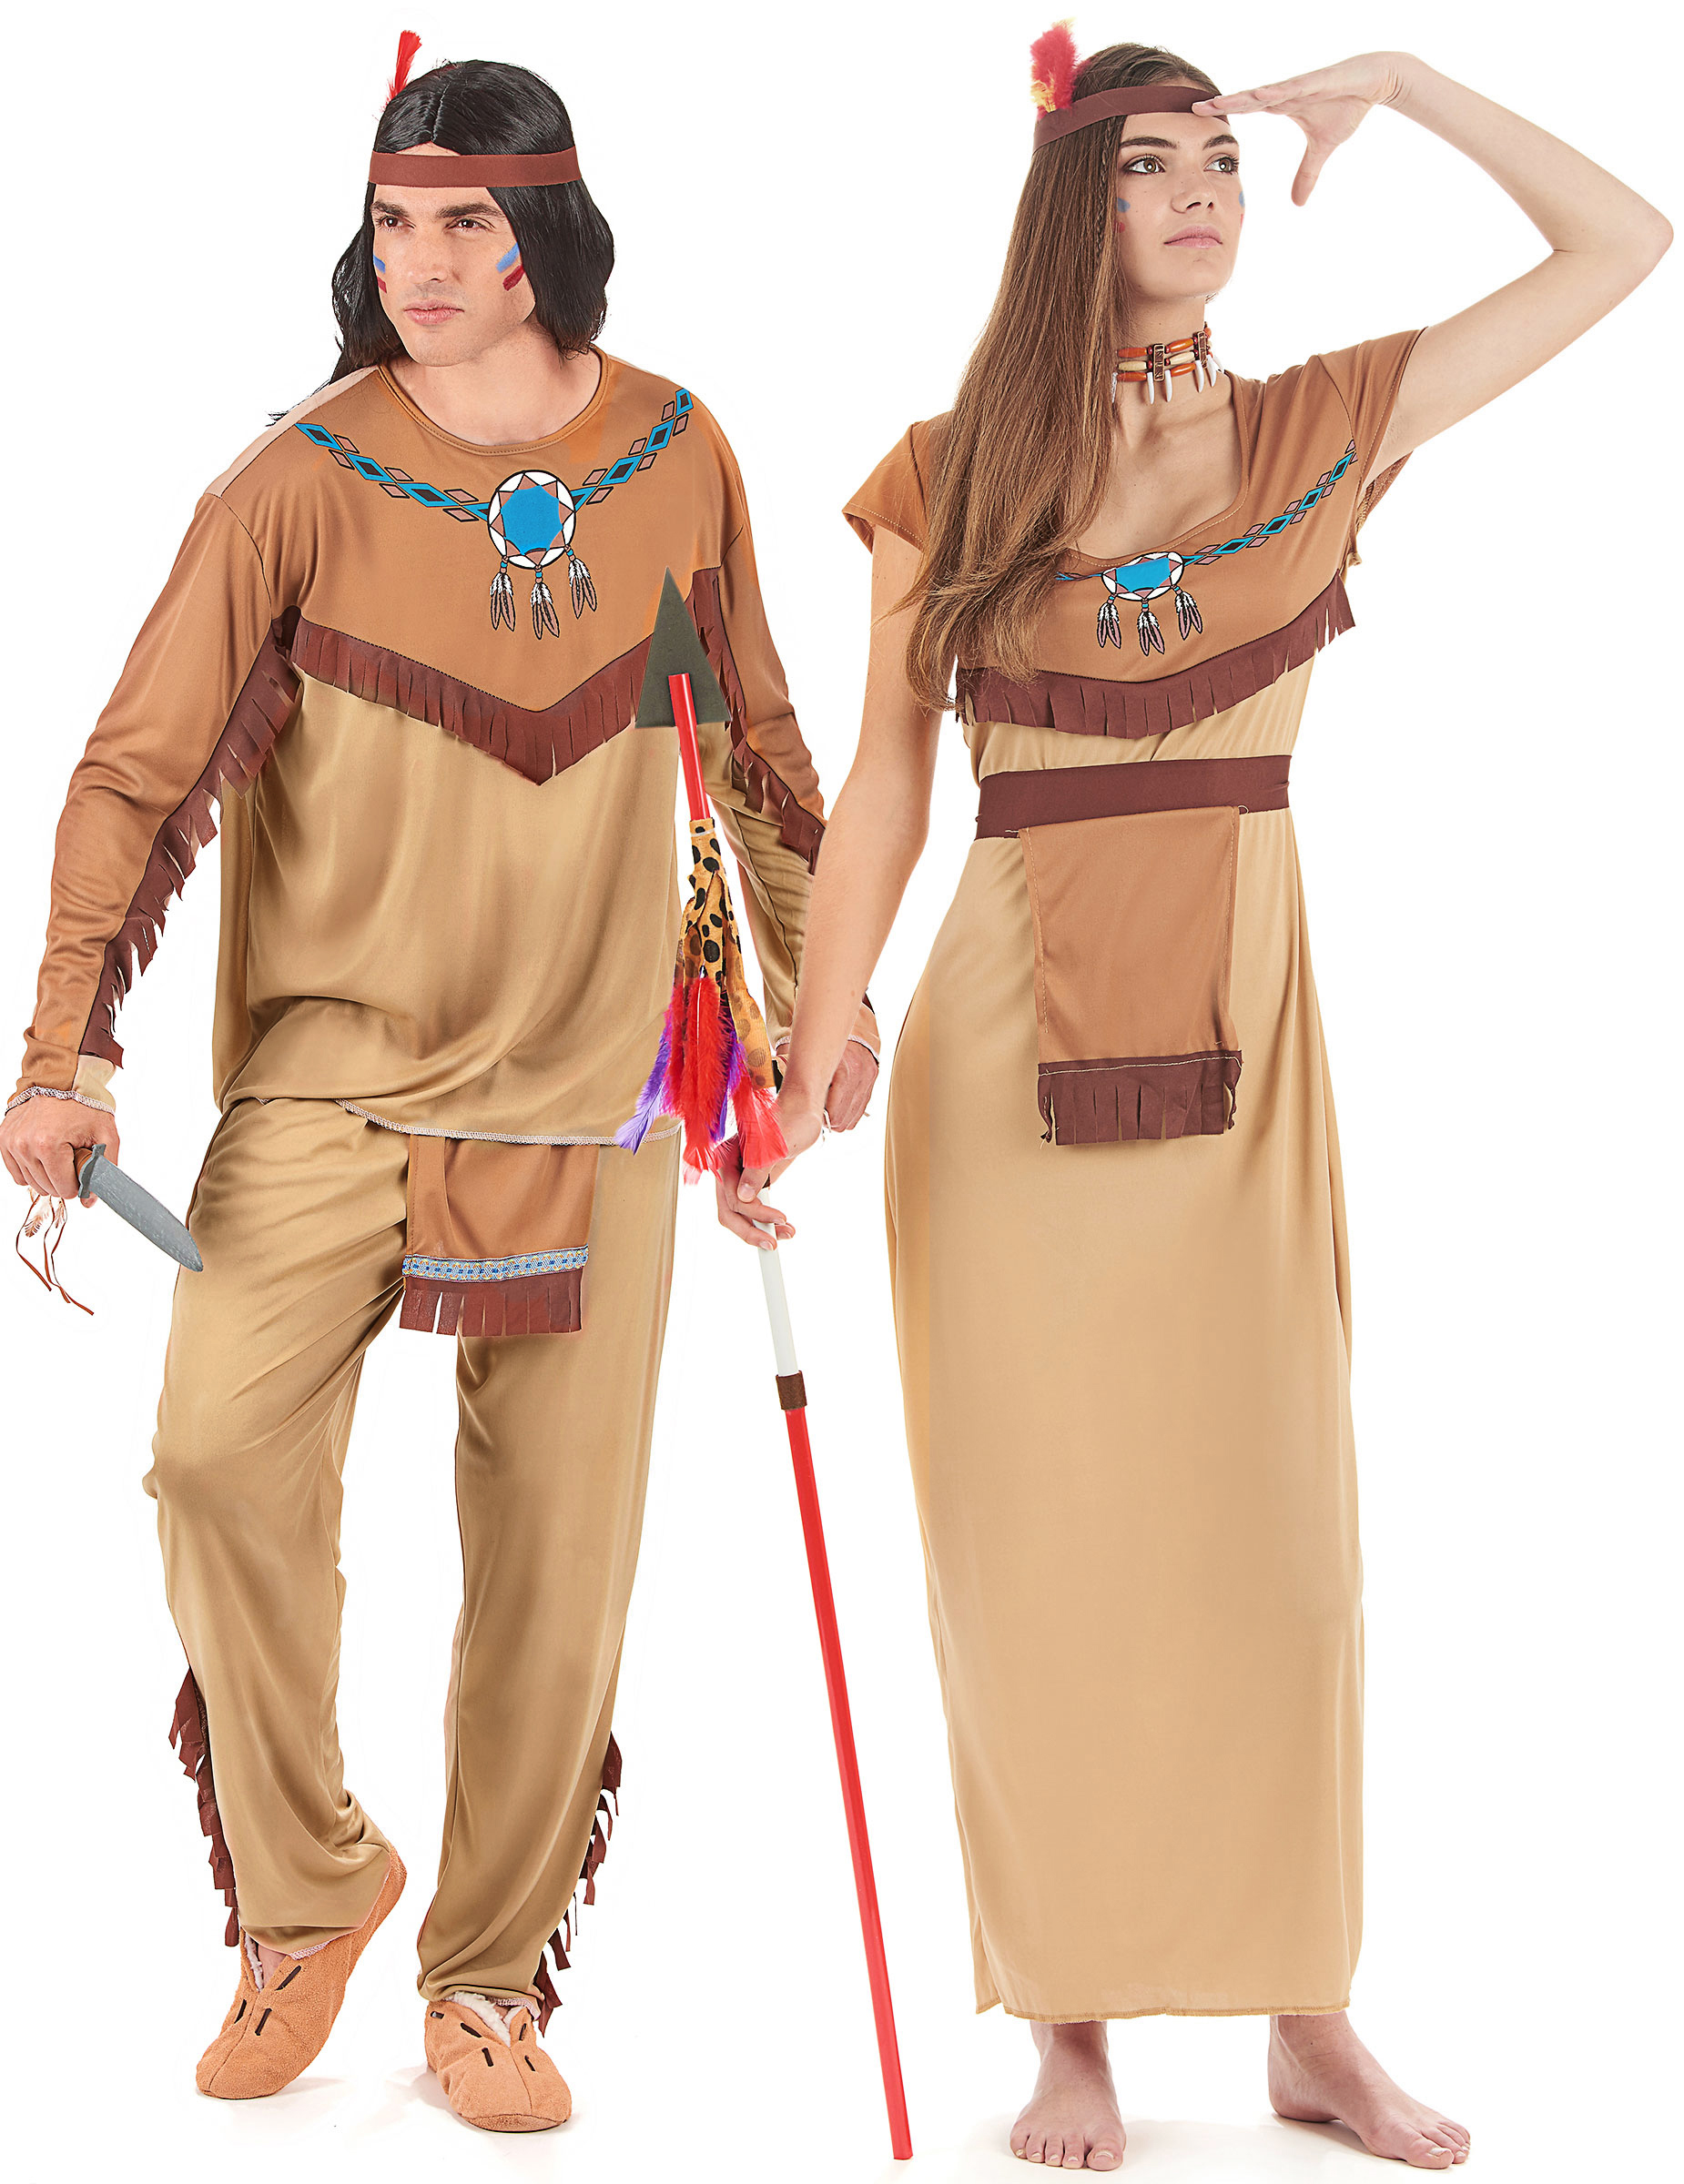 Disfraces de Indios y Vaqueros para adultos e infantiles